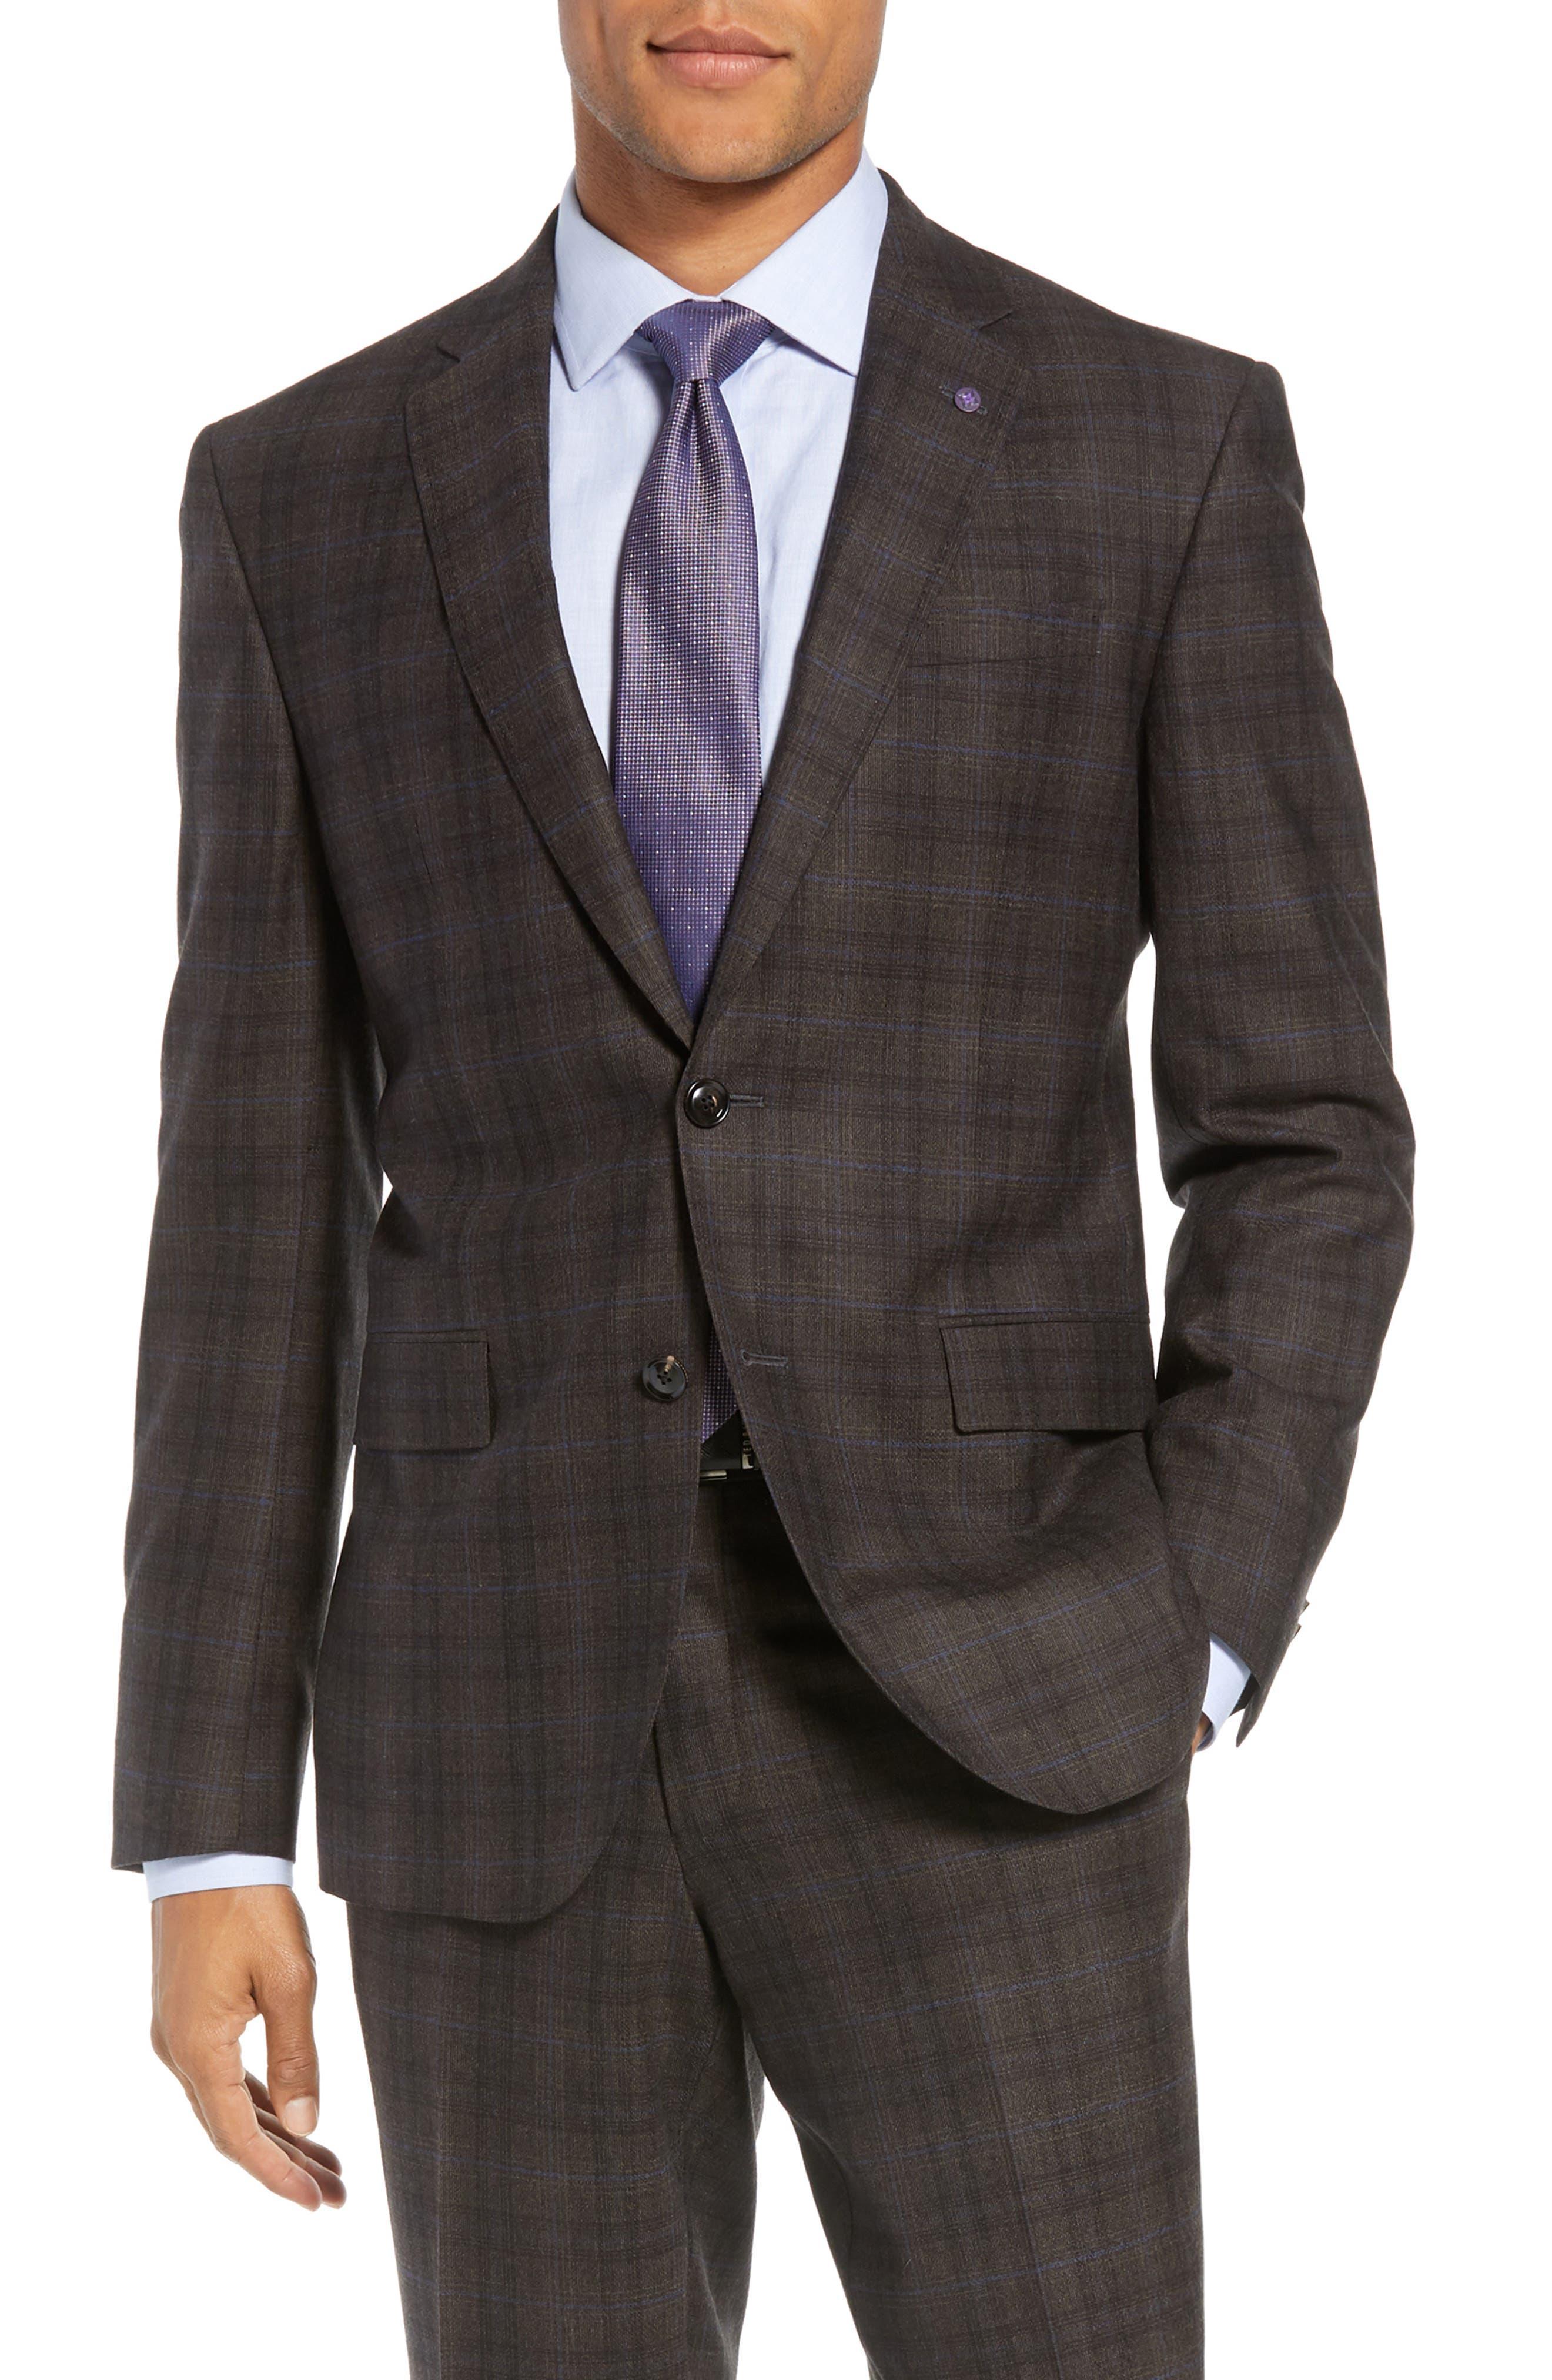 Jay Trim Fit Plaid Wool Suit,                             Alternate thumbnail 5, color,                             BROWN PLAID